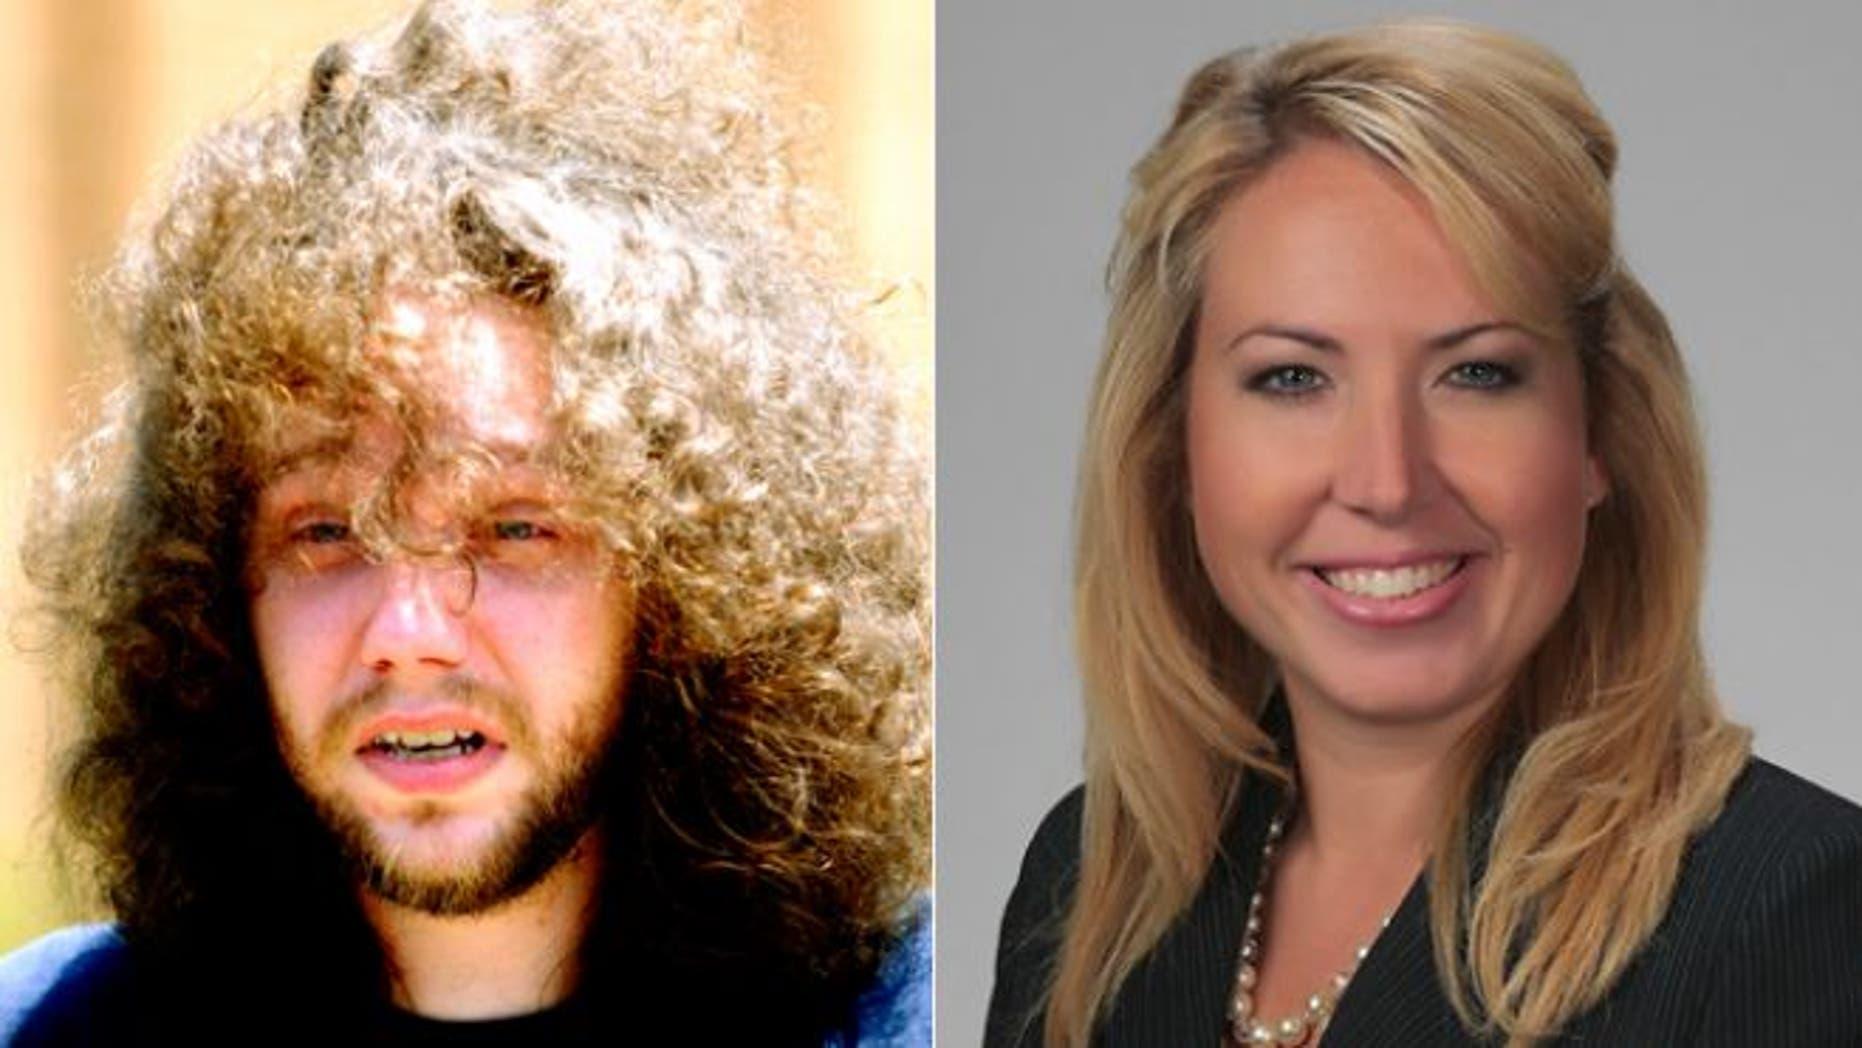 Stephen Mark McDaniel, left, pleaded not guilty in the murder of Lauren Giddings